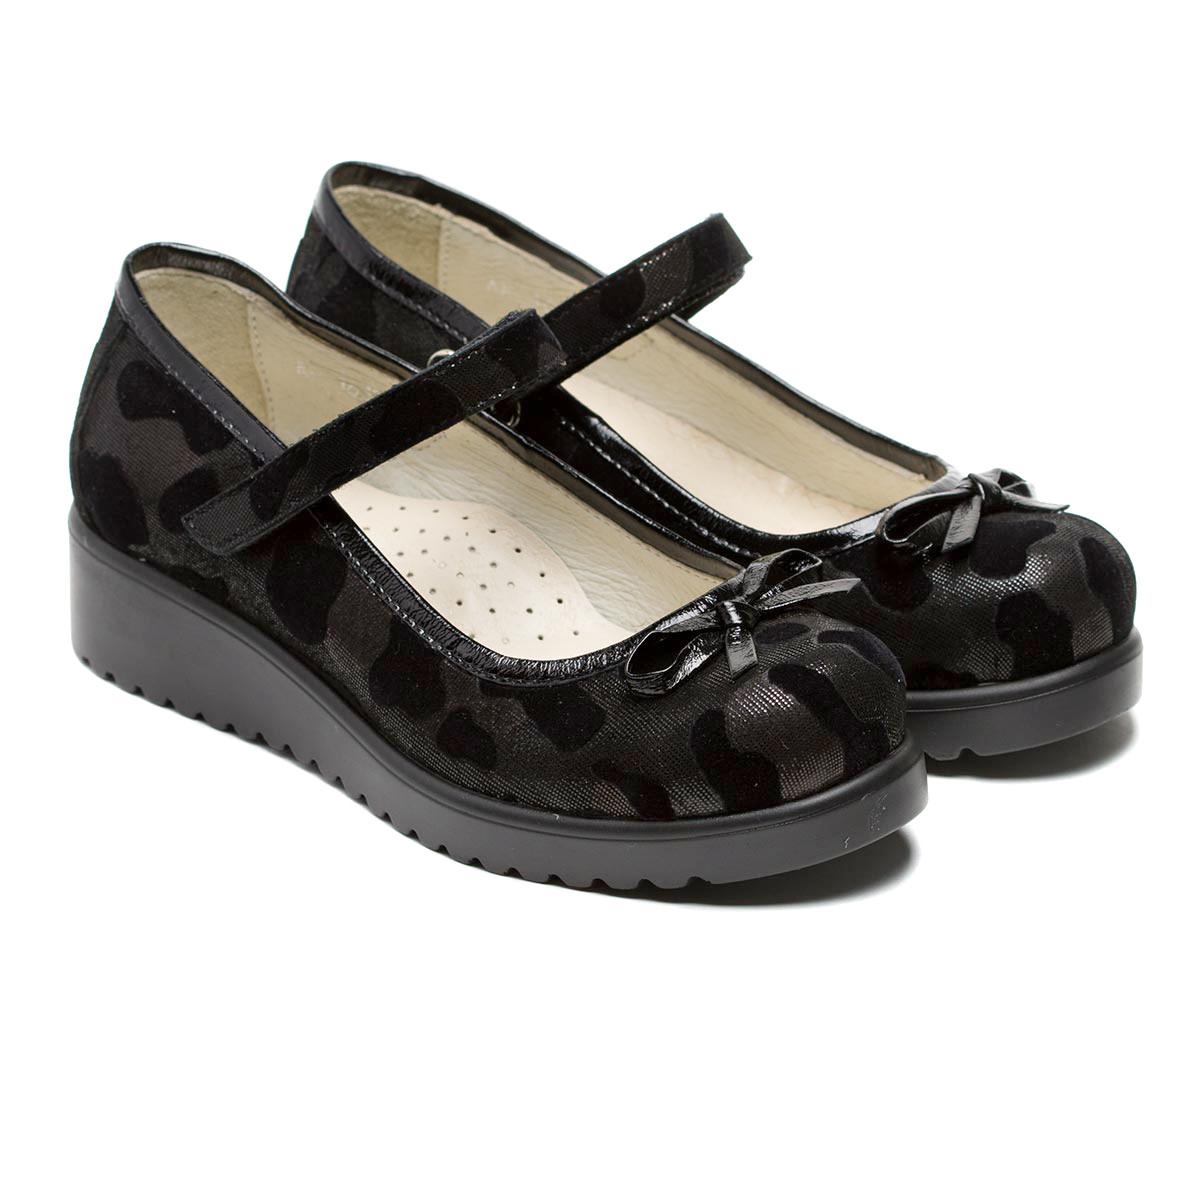 Туфли FS Сollection кожаные для девочек, размер 28-36